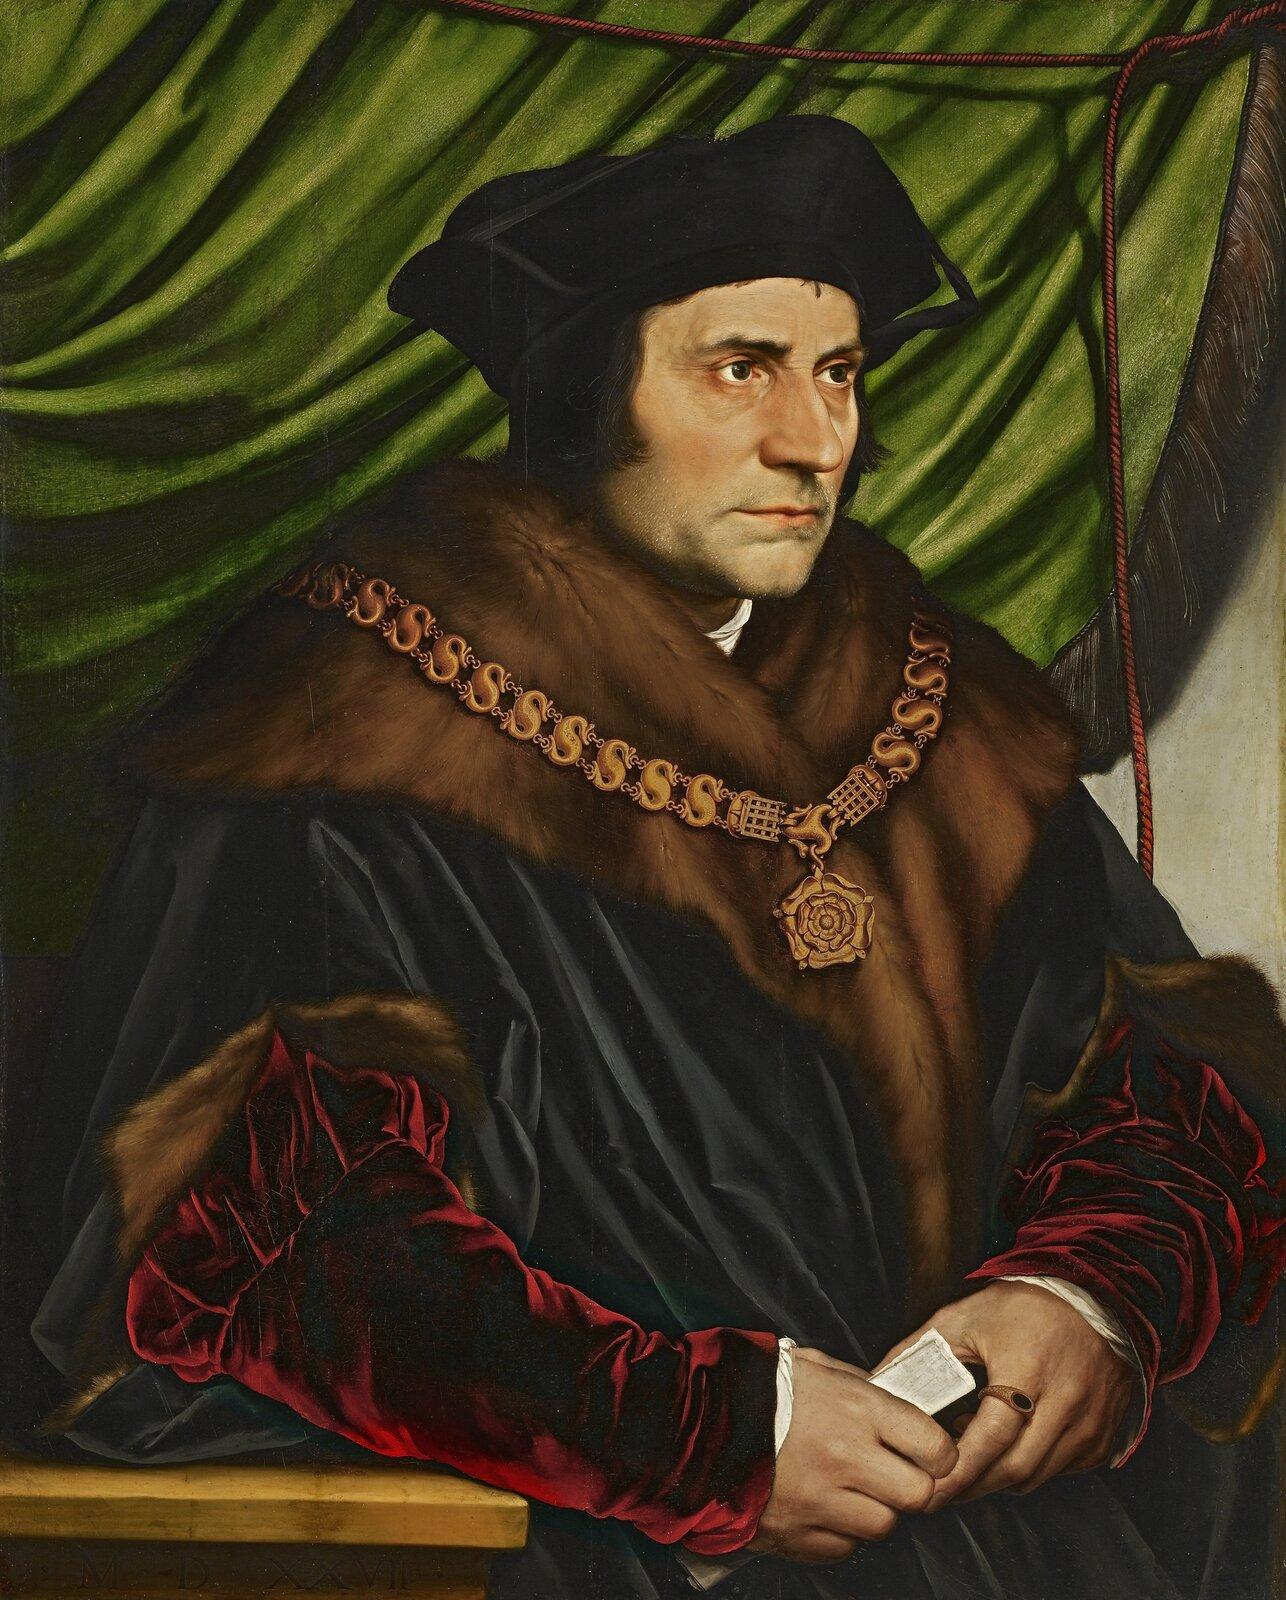 Tomas Morus Źródło: Hans Holbein Młodszy, Tomas Morus, 1527, olej na drewnie, Frick Collection, Nowy Jork, domena publiczna.